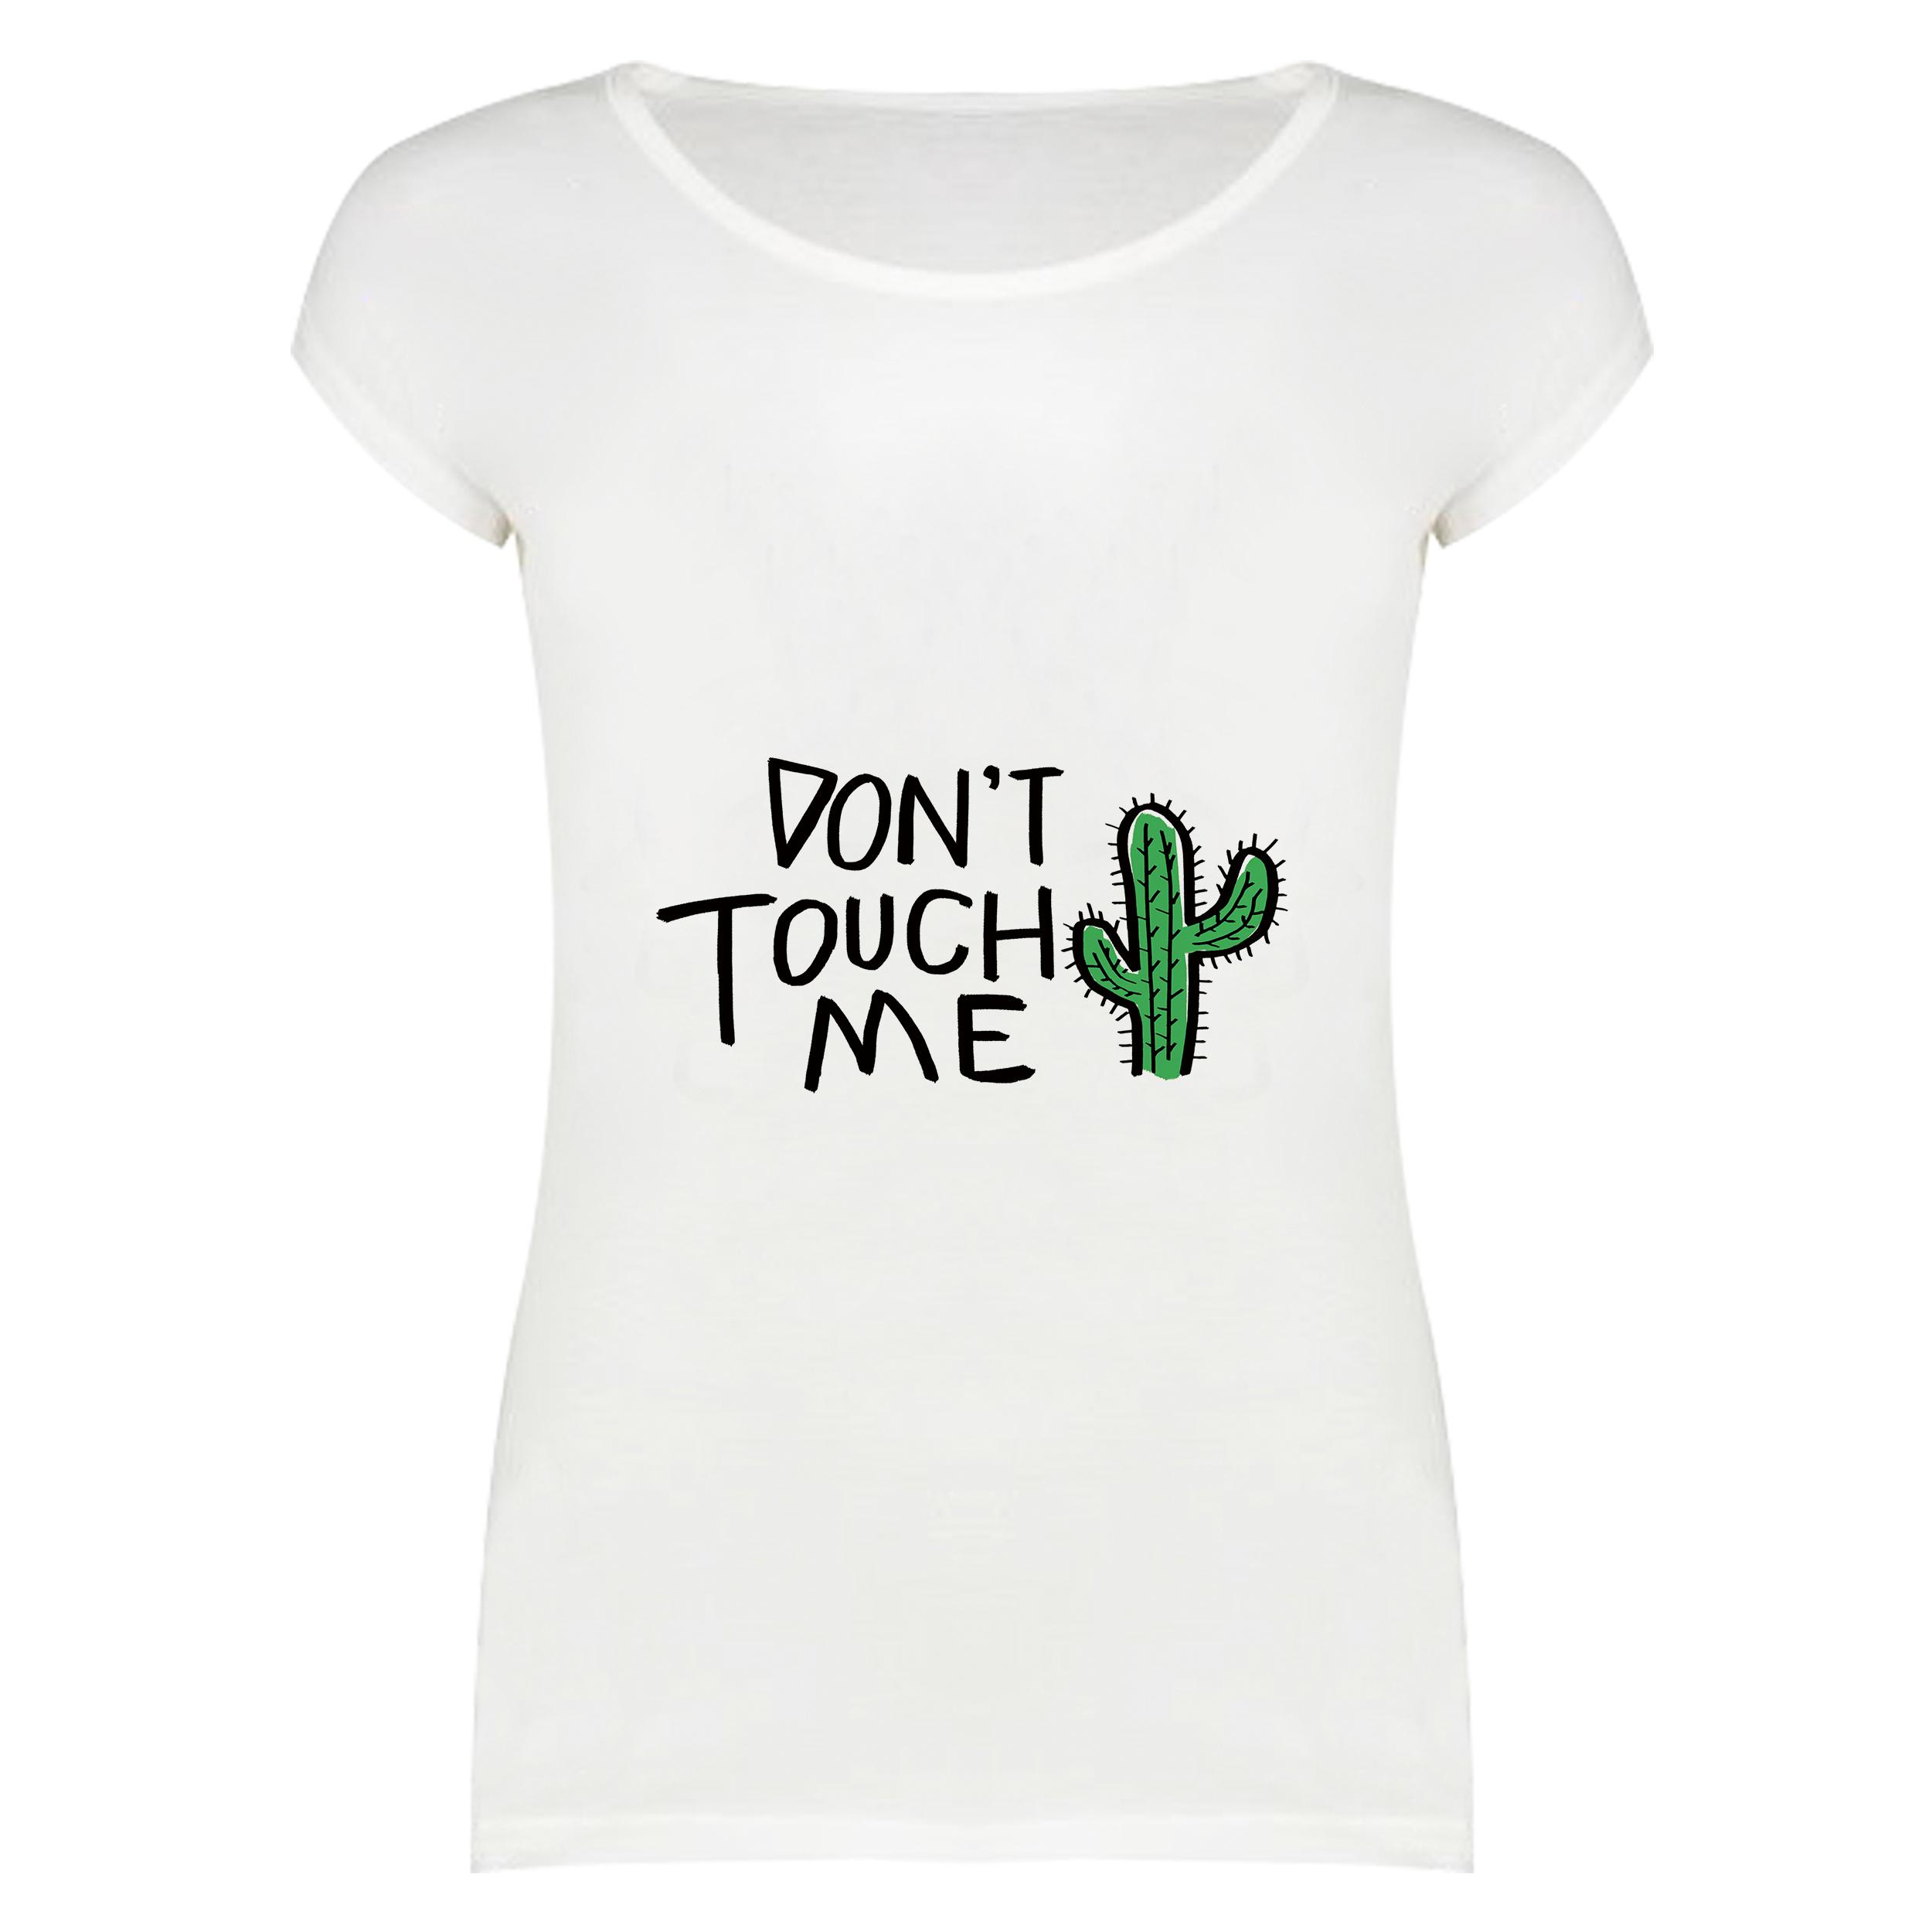 تی شرت آستین کوتاه زنانه مدل به من دست نزن کد f1467z